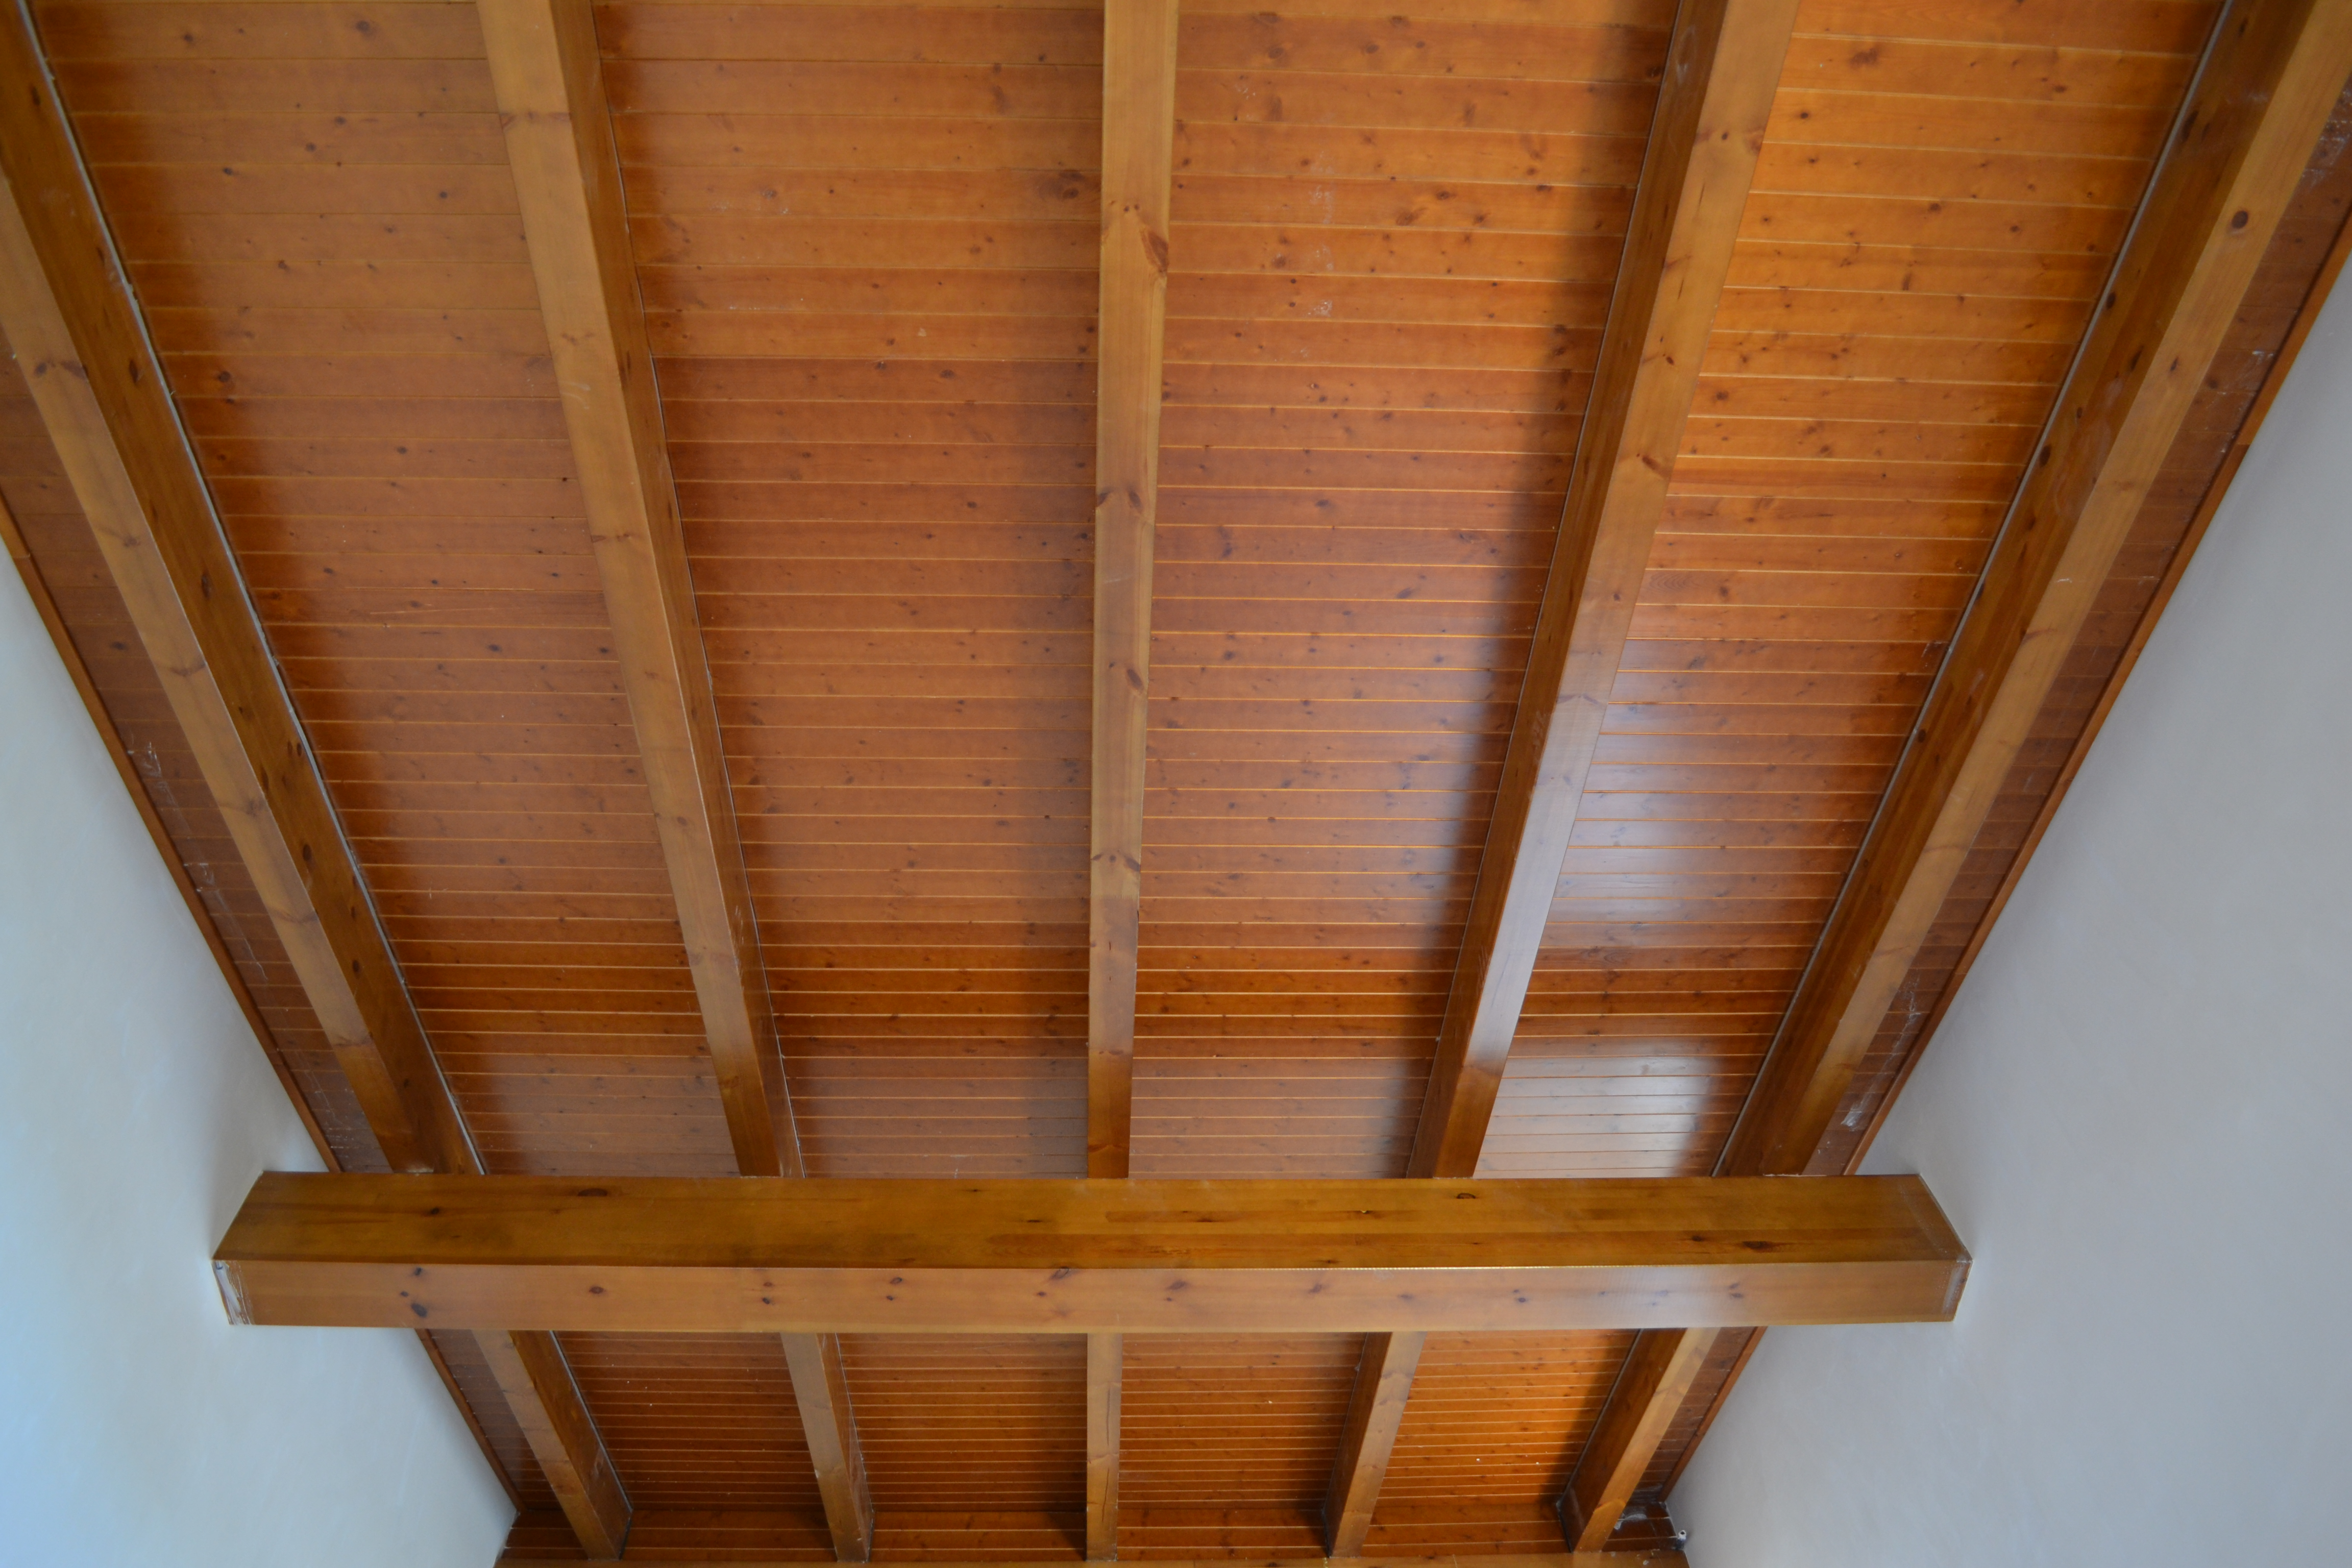 Tejados de madera laminada opci n perfecta incofusta for Tipos de tejados de casas